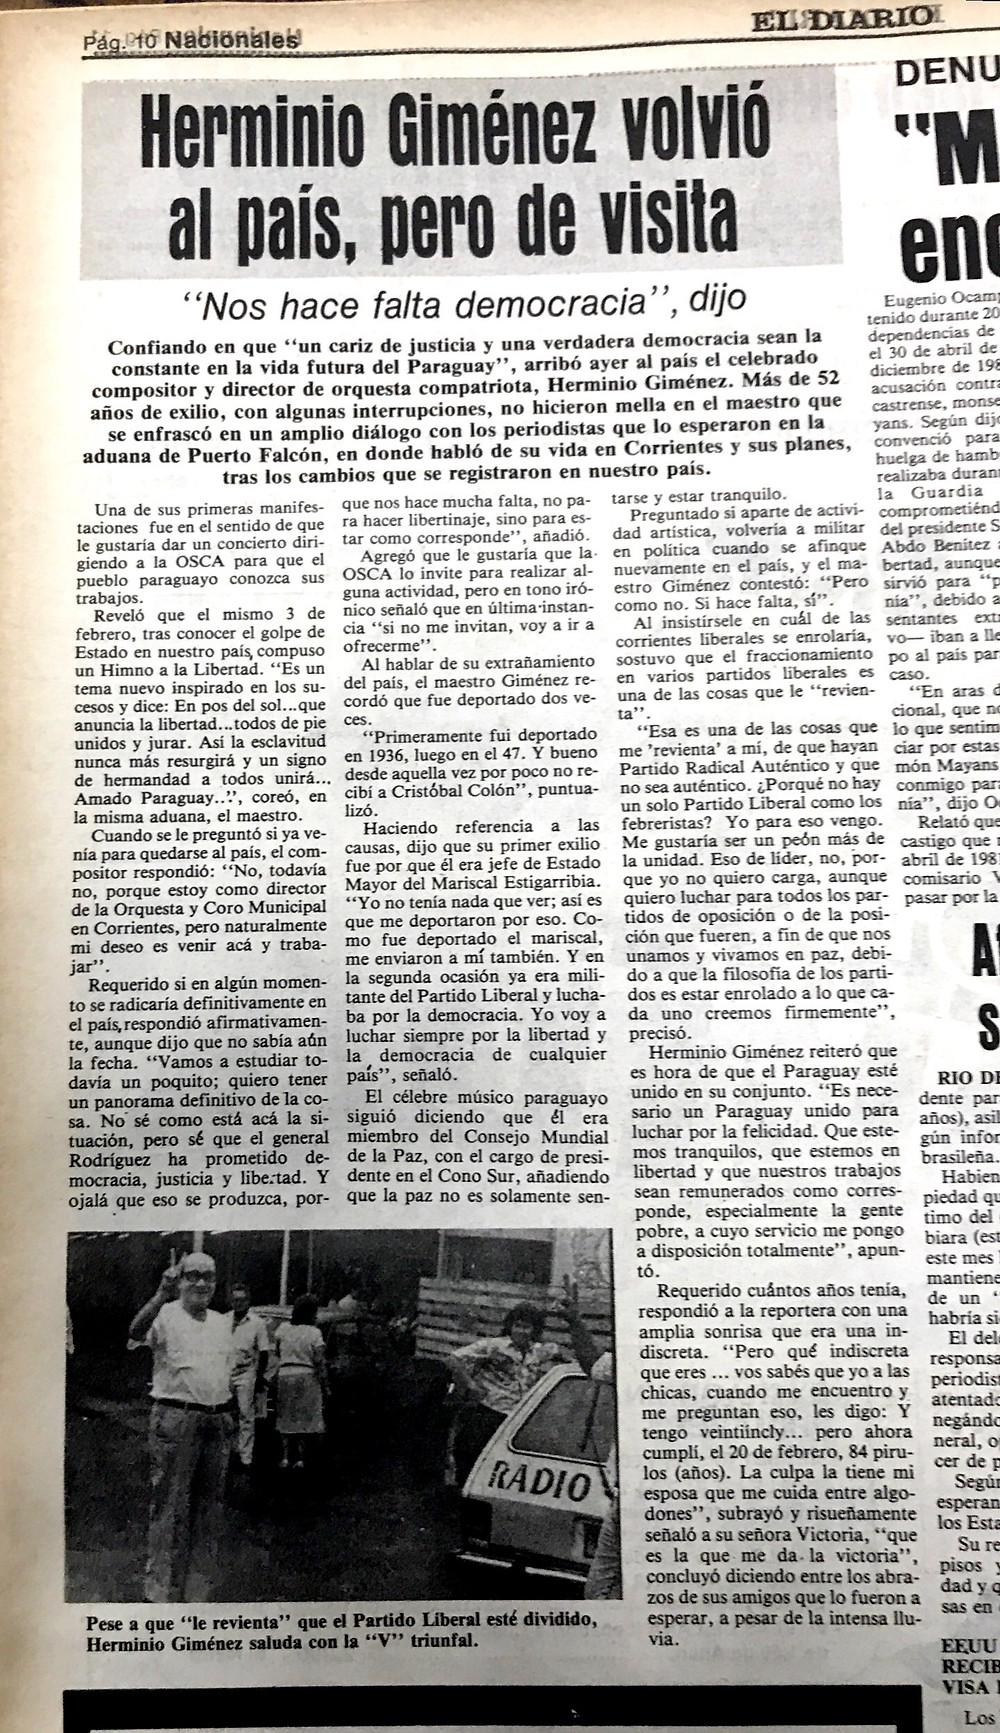 Facsímil de la publicación del diario Noticias de aquella cobertura. Al costado se ve la parte trasera del Belina